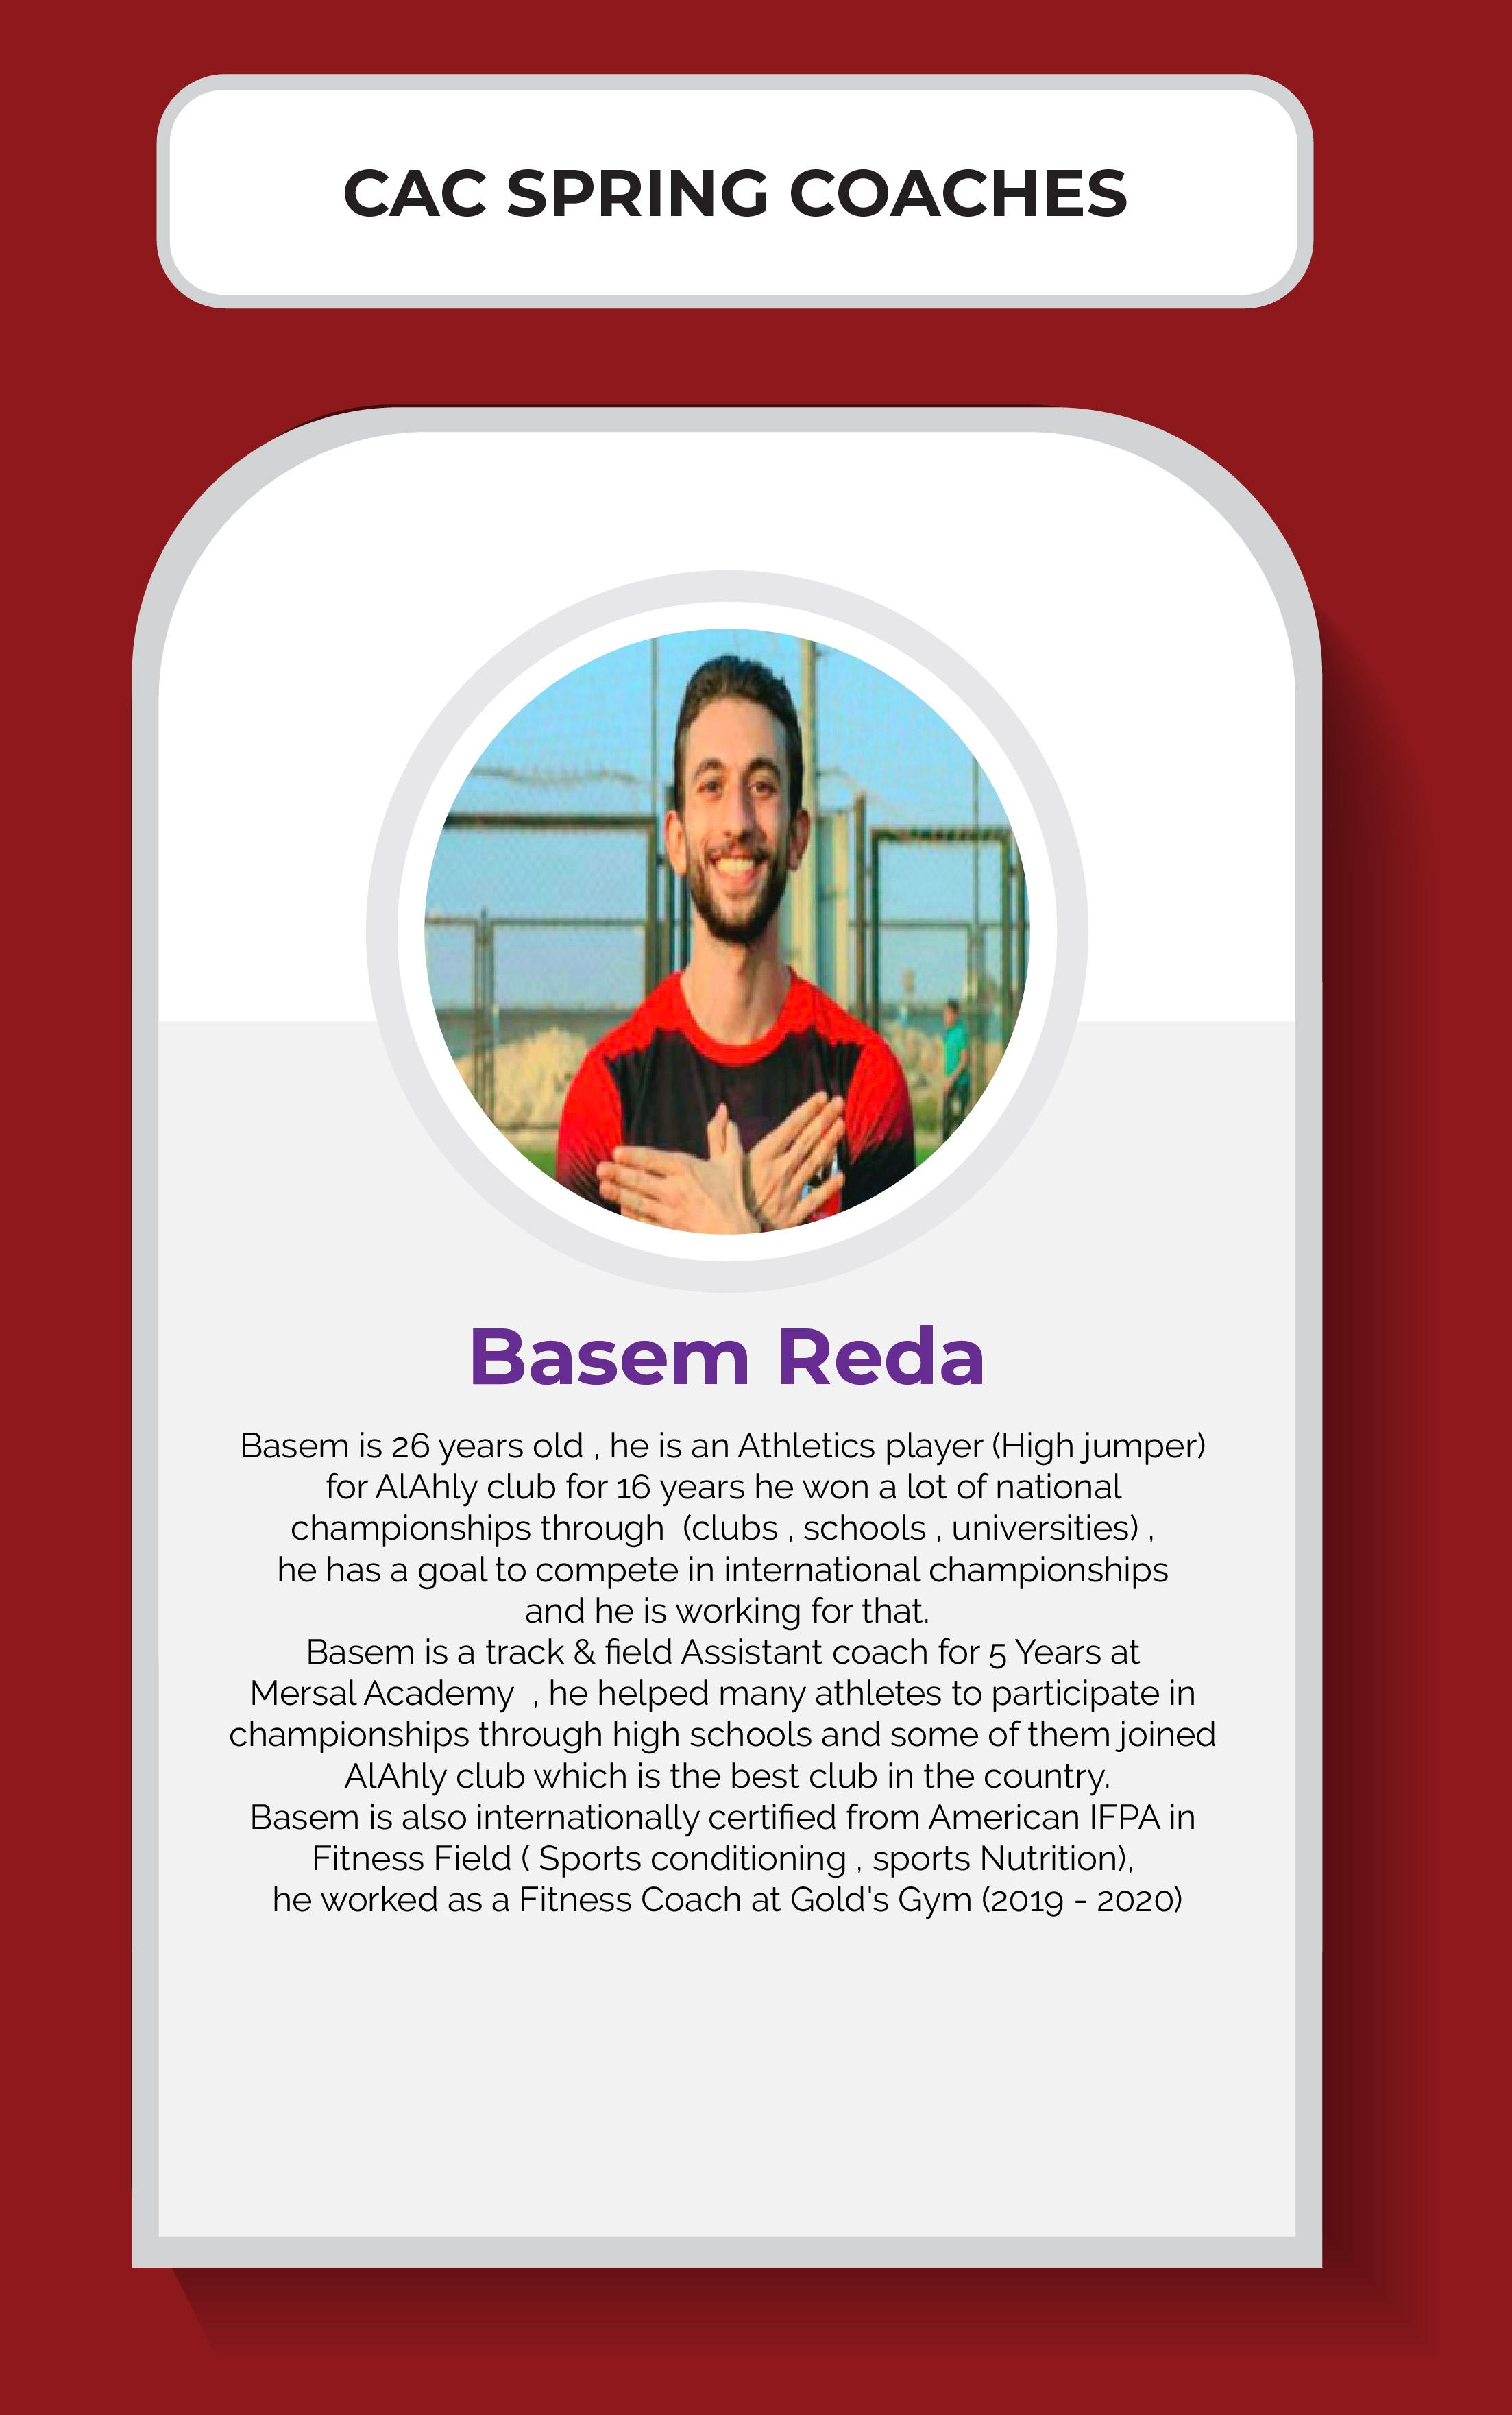 BasemReda-01